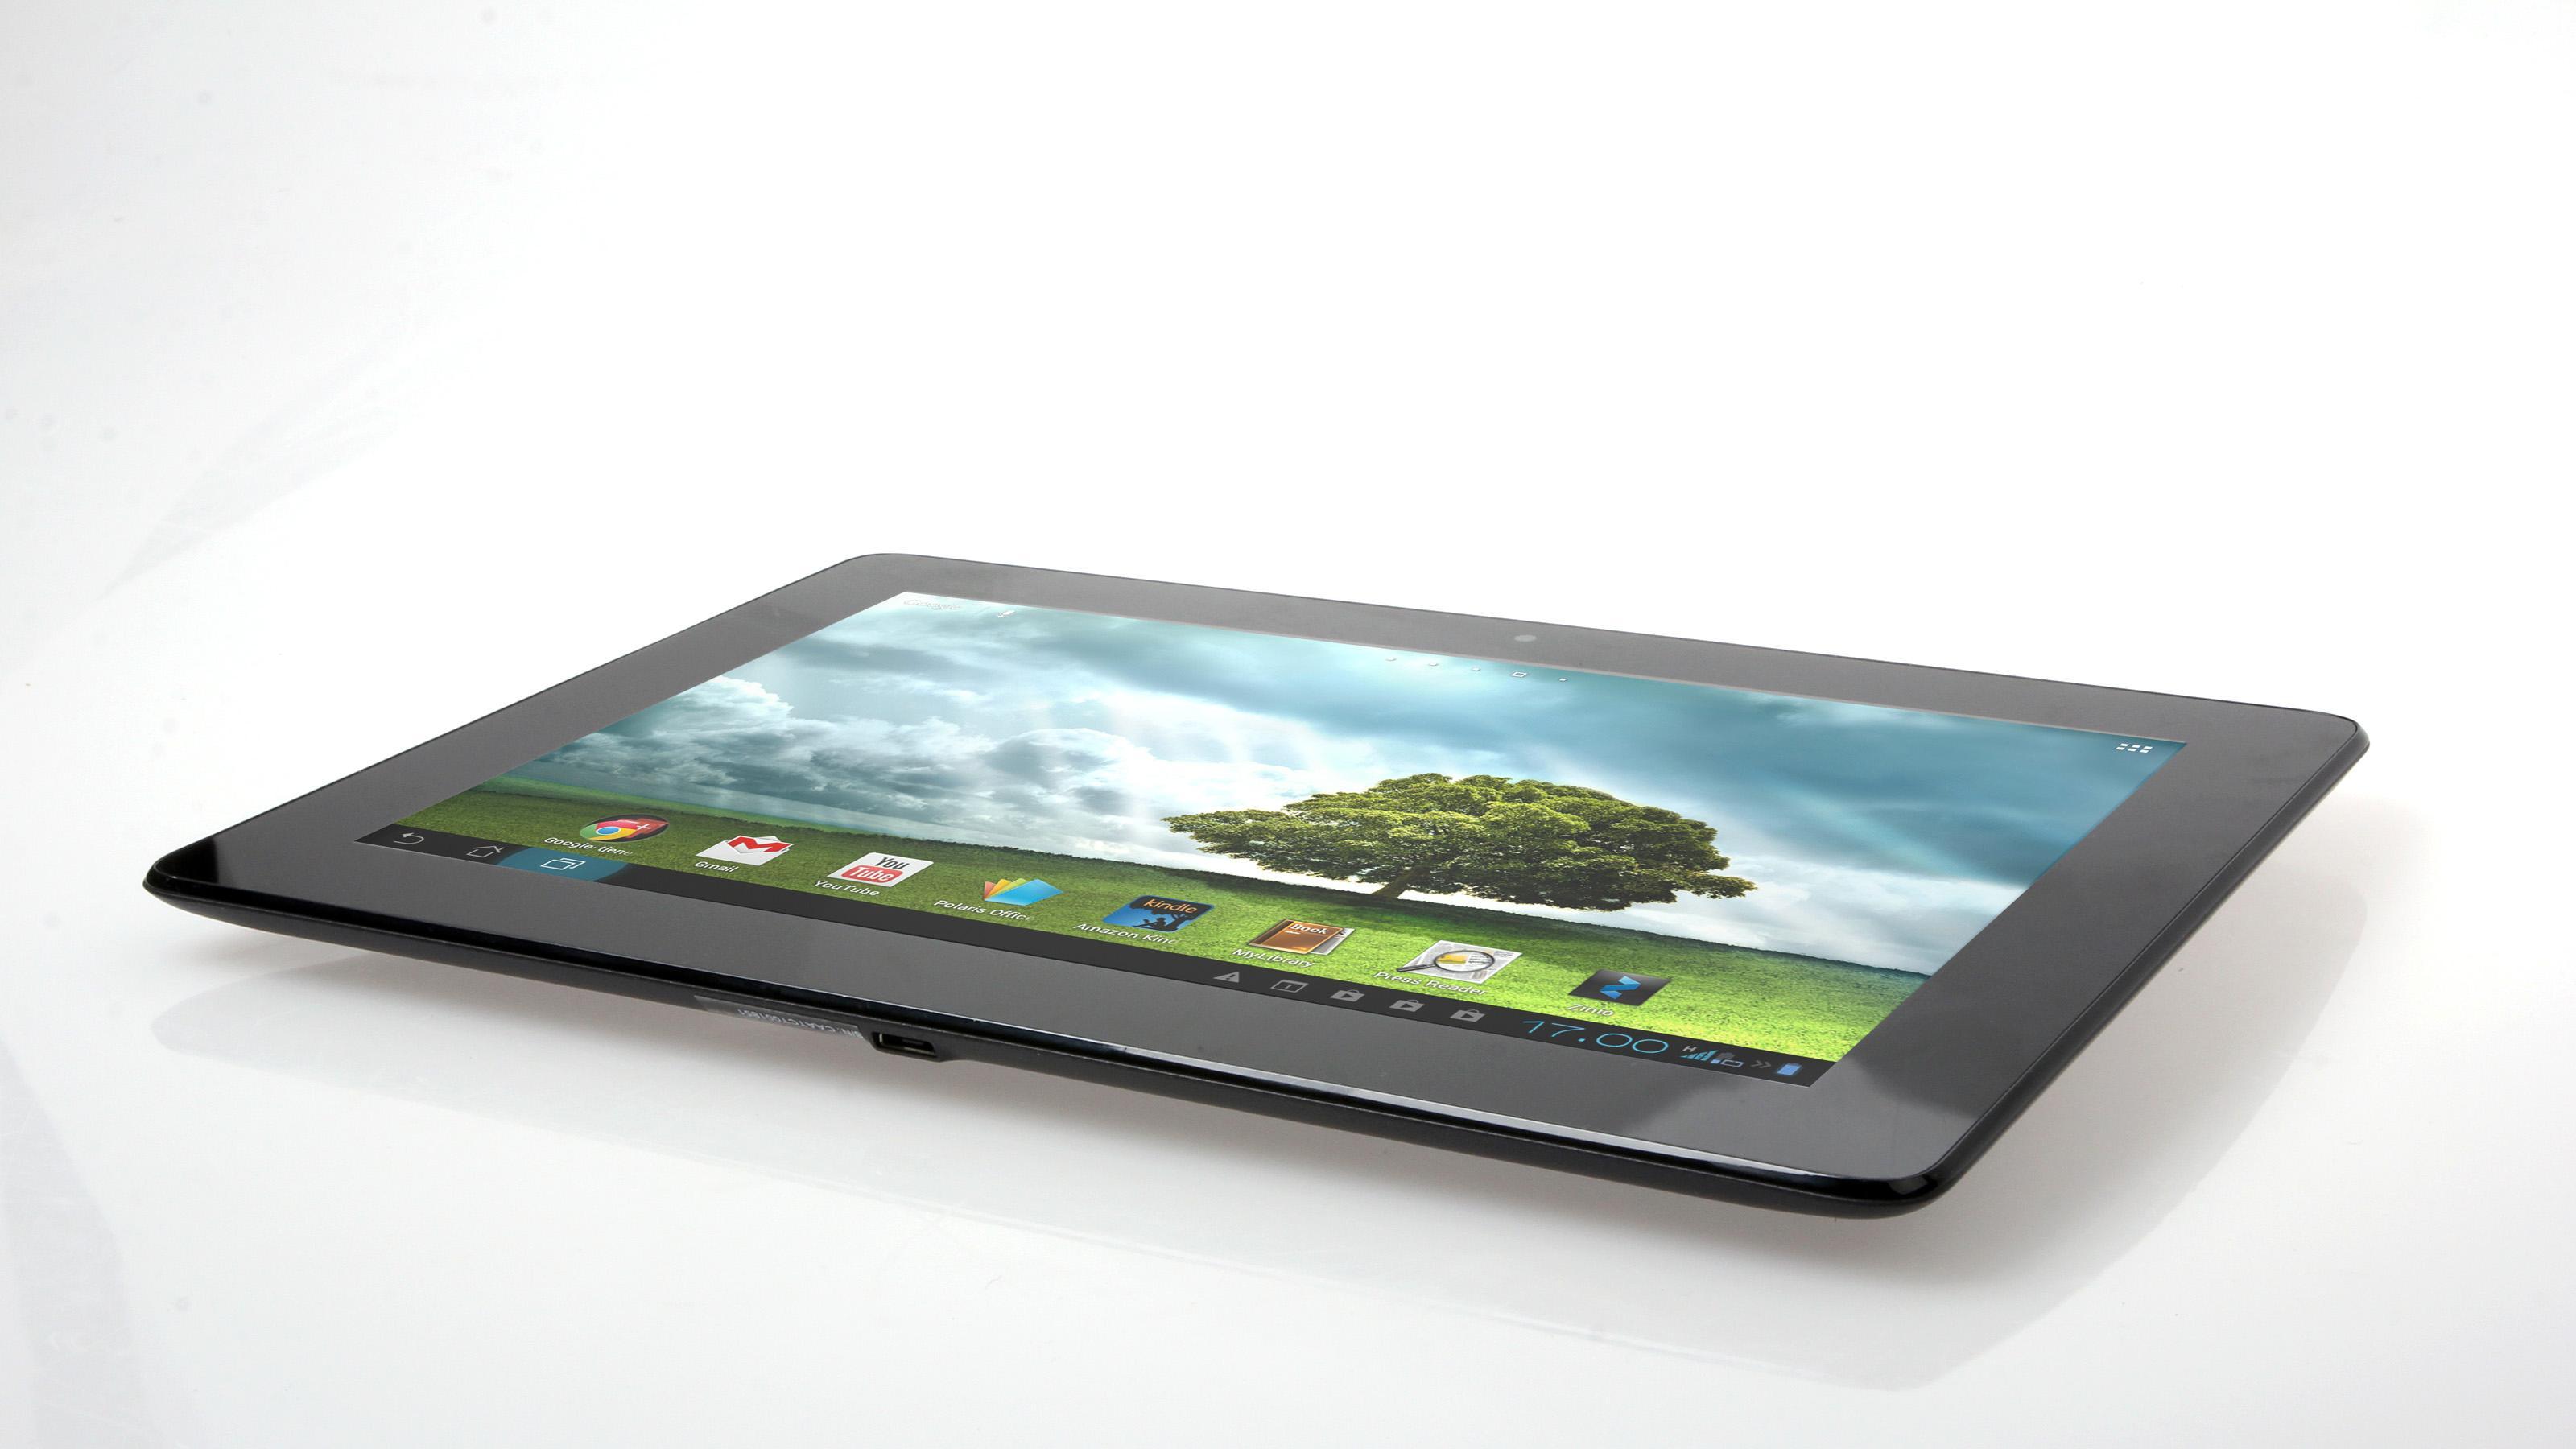 Asus PadFone 2 er et lekkert 10,1-tommers nettbrett som ikke veier mer enn en iPad –selv om den også inneholder en telefon.Foto: Kurt Lekanger, Amobil.no